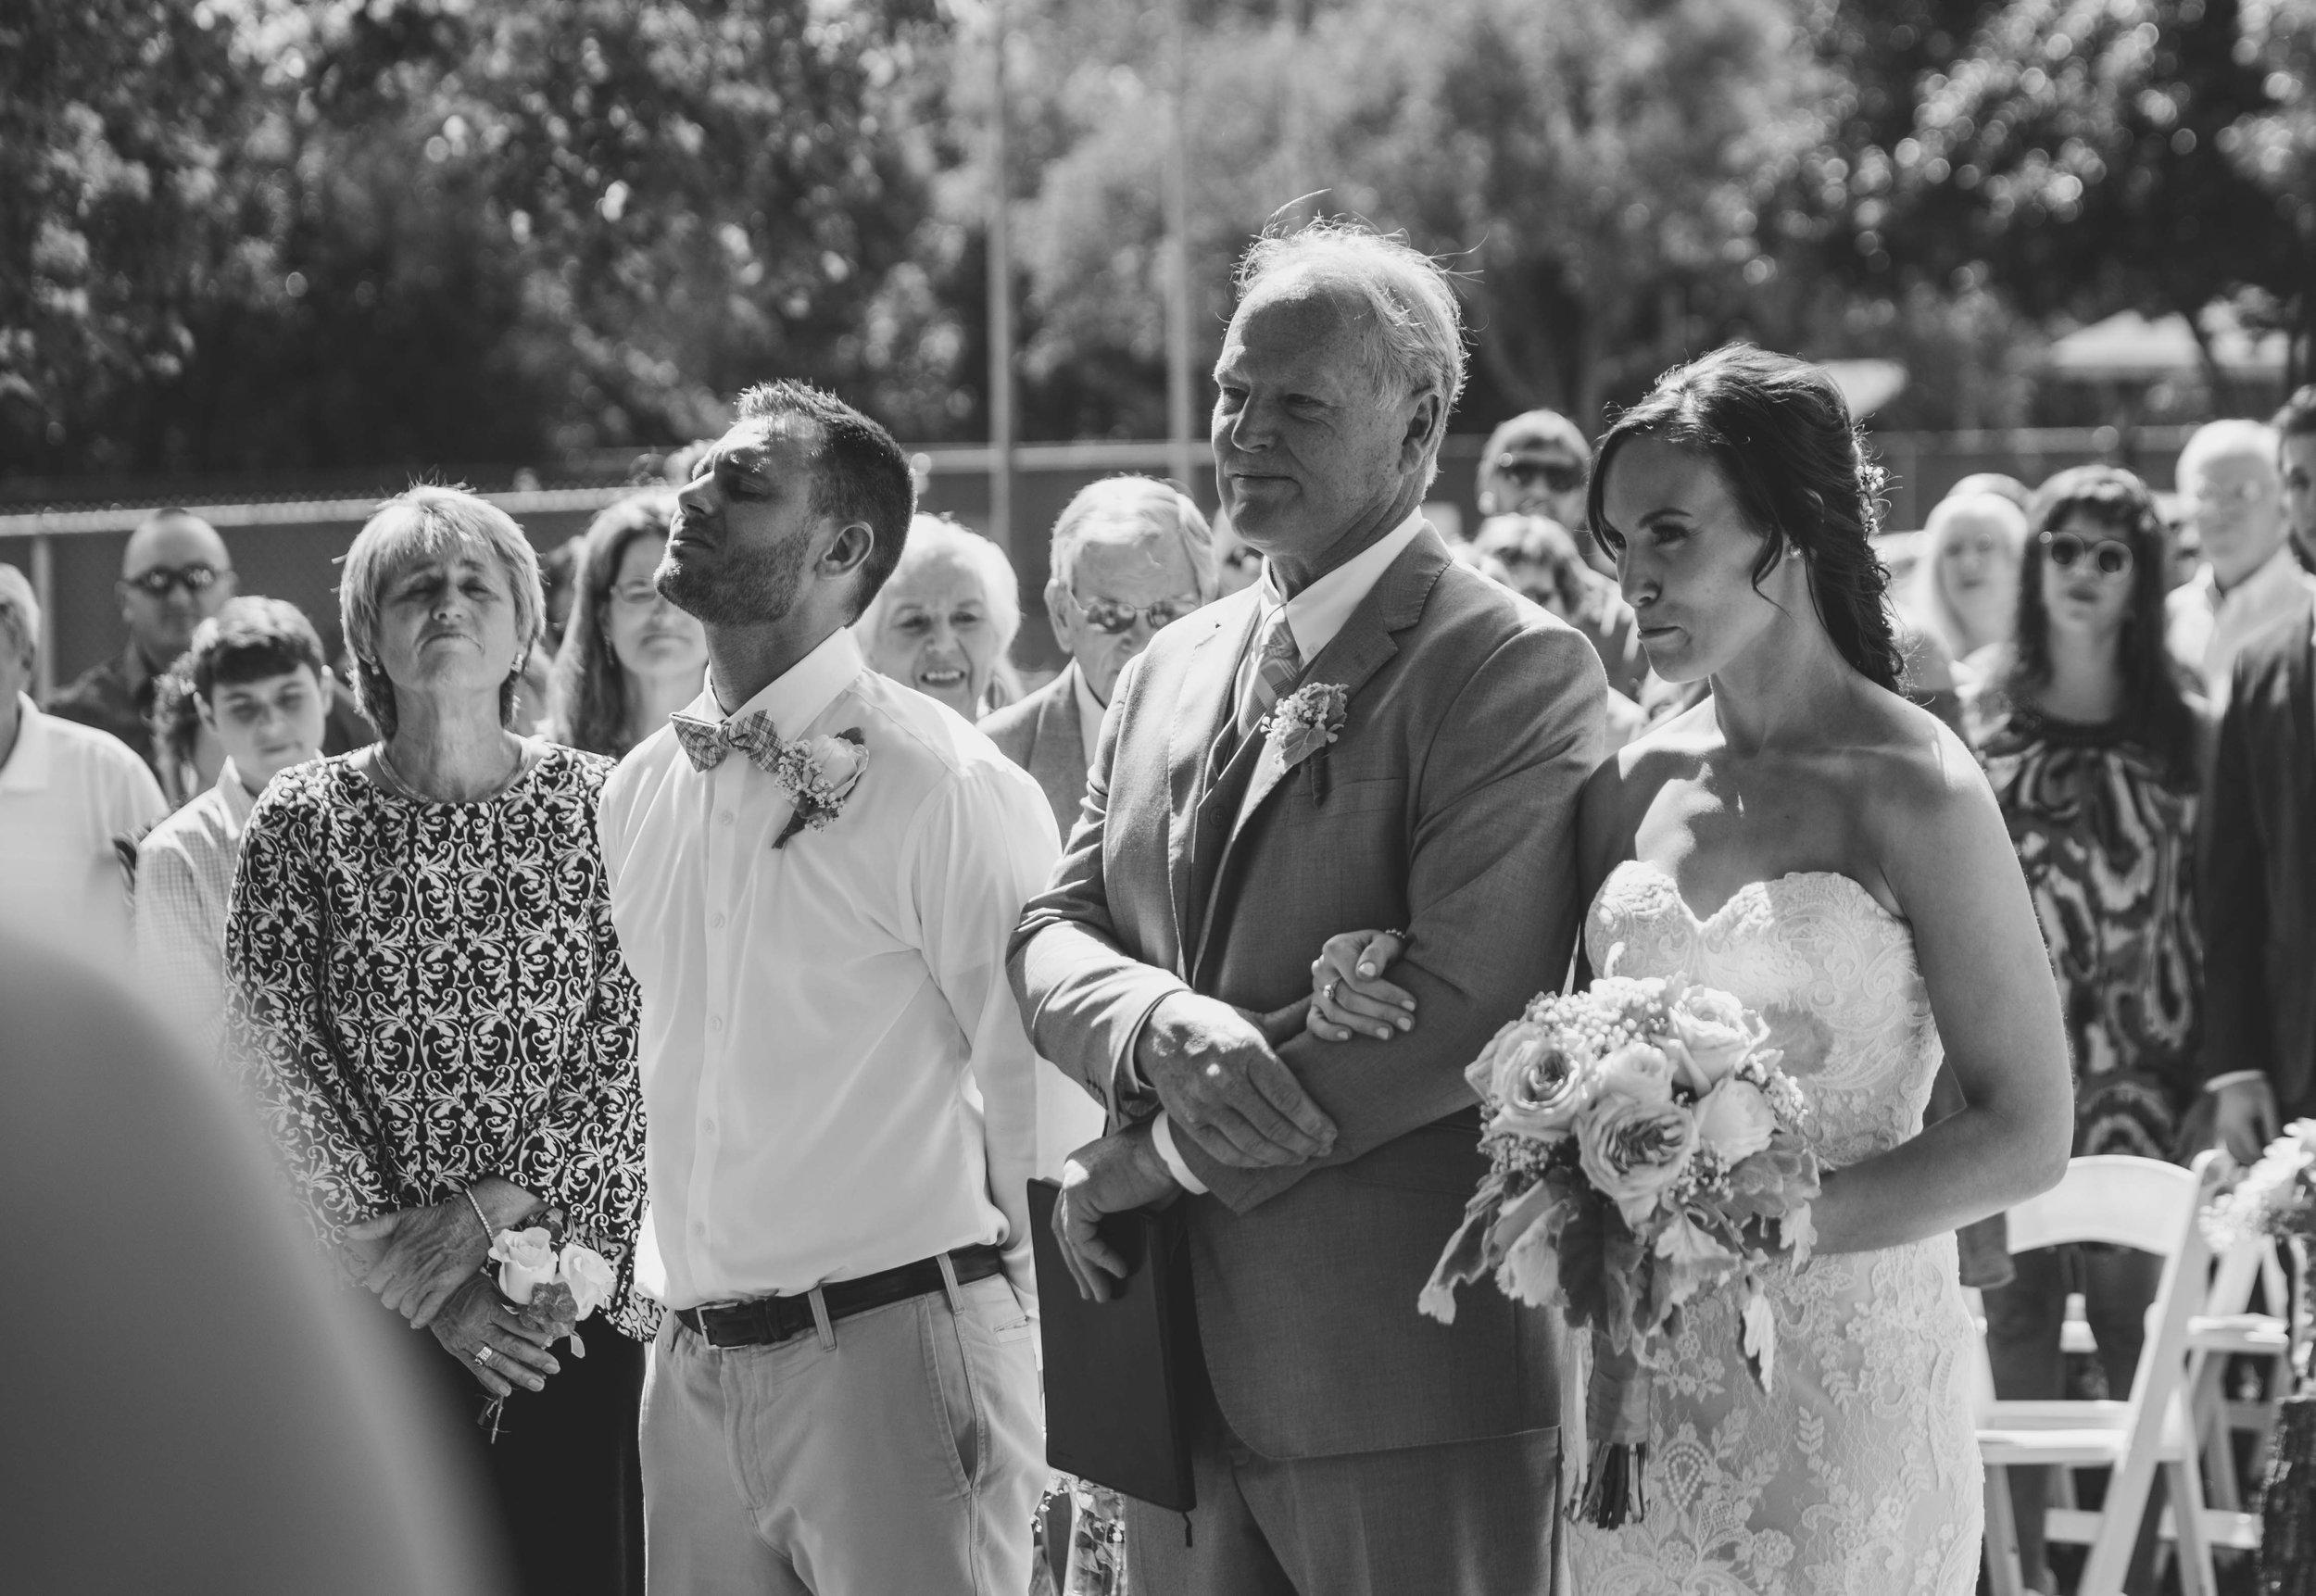 ATGI_Susanna & Matt Wedding_717A7570.jpg